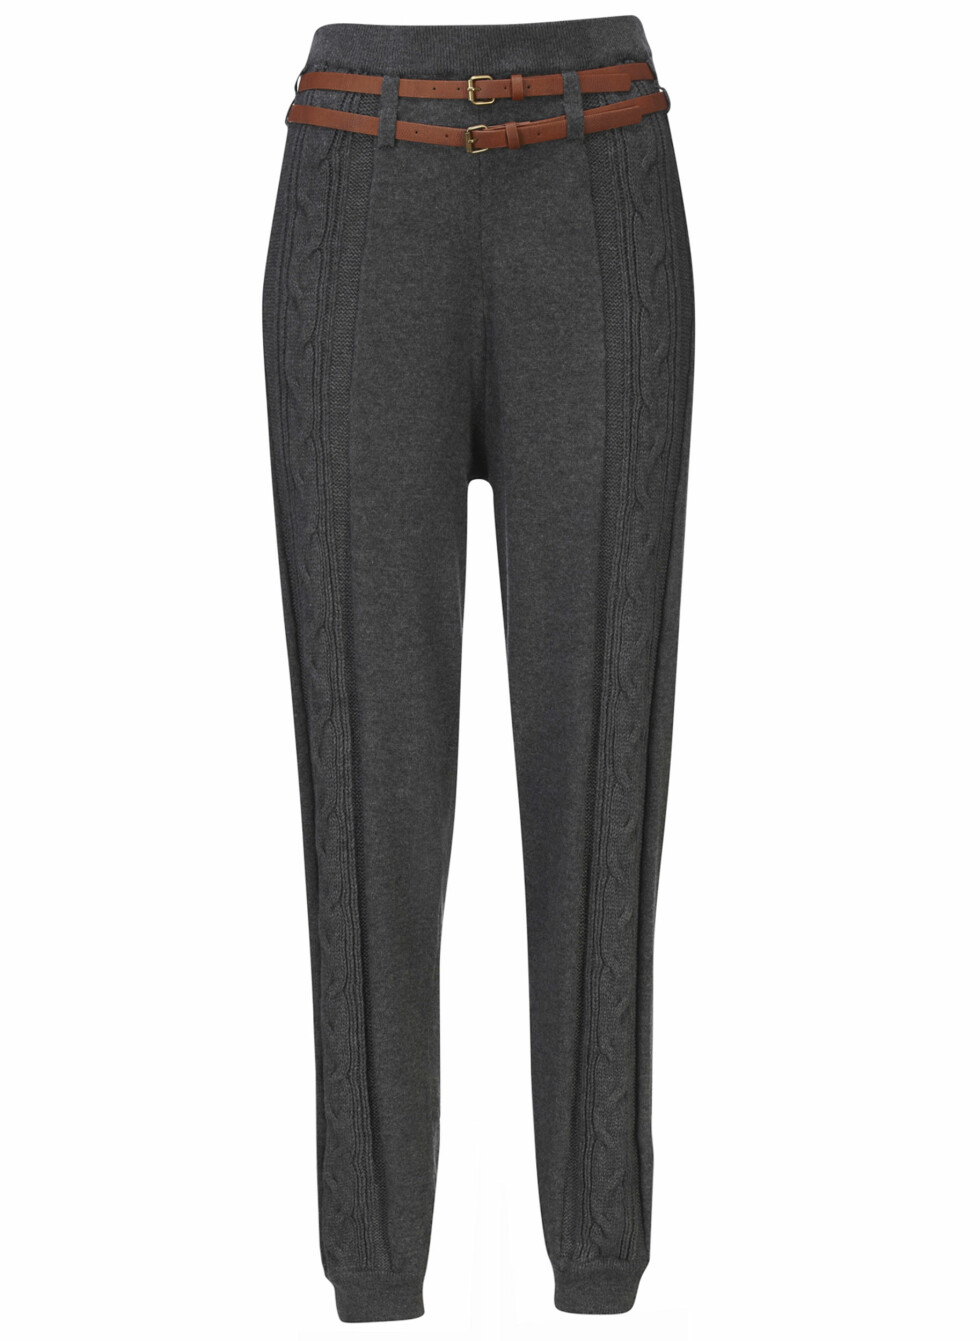 Strikket leggings (kr.299). Foto: Produsenten